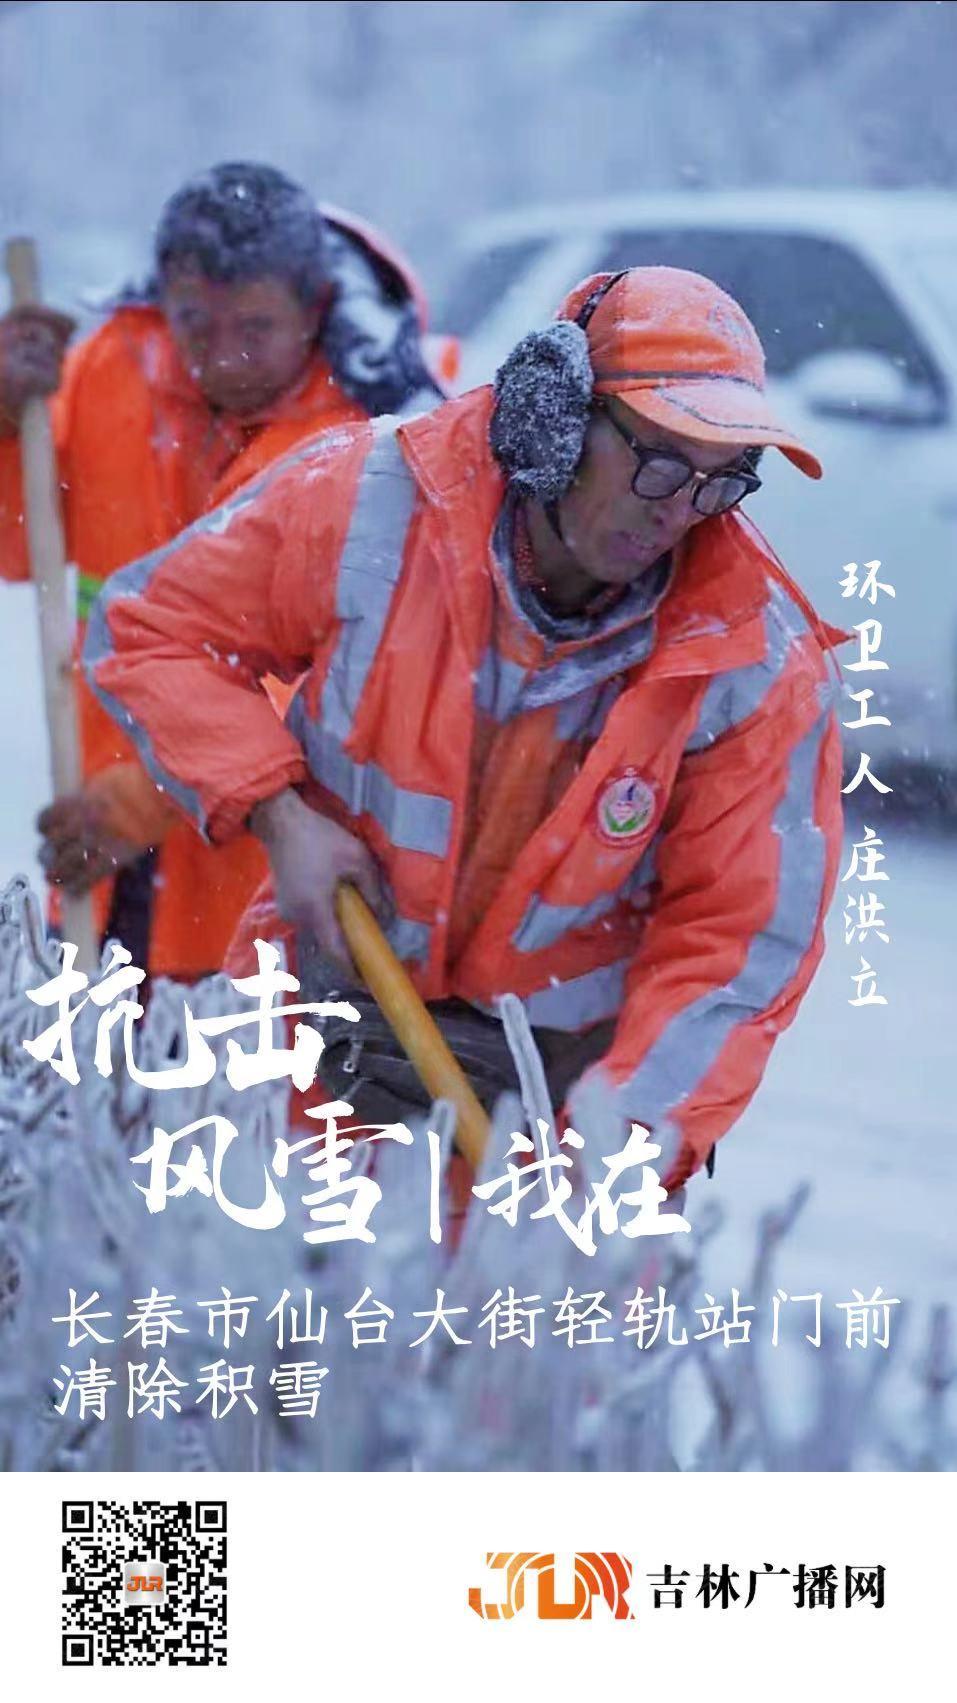 【抗击风雪 ▏我在】风雪中的环卫工人